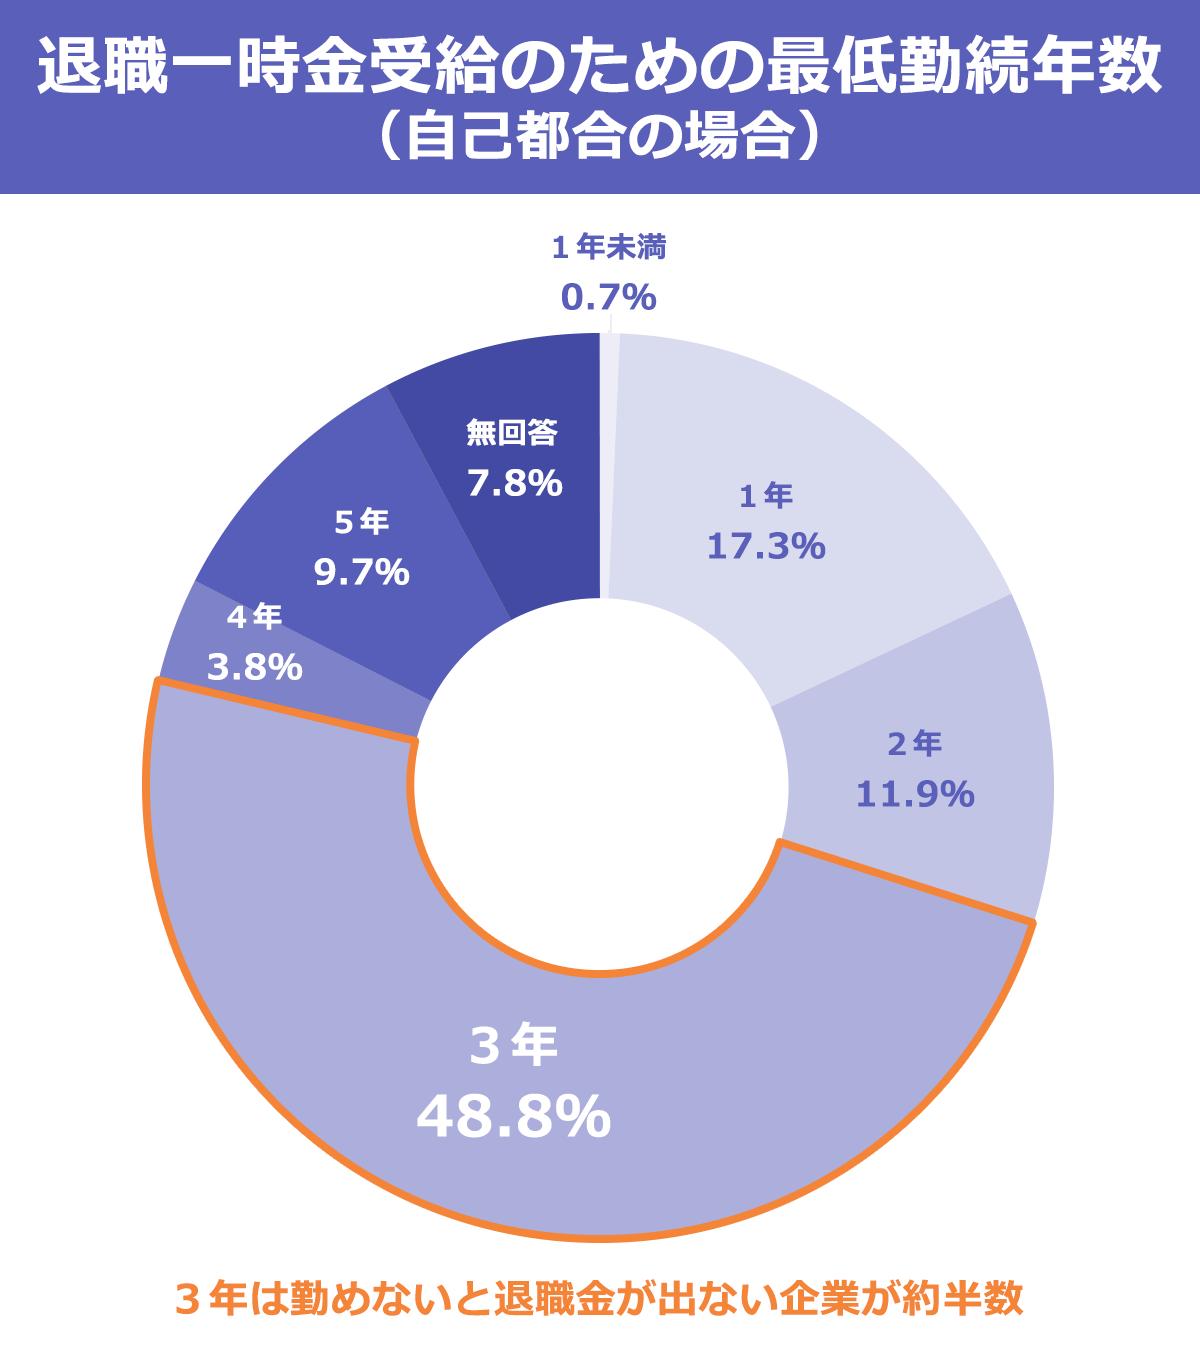 退職一時金受給のための最低勤続年数(自己都合)を表した円グラフ